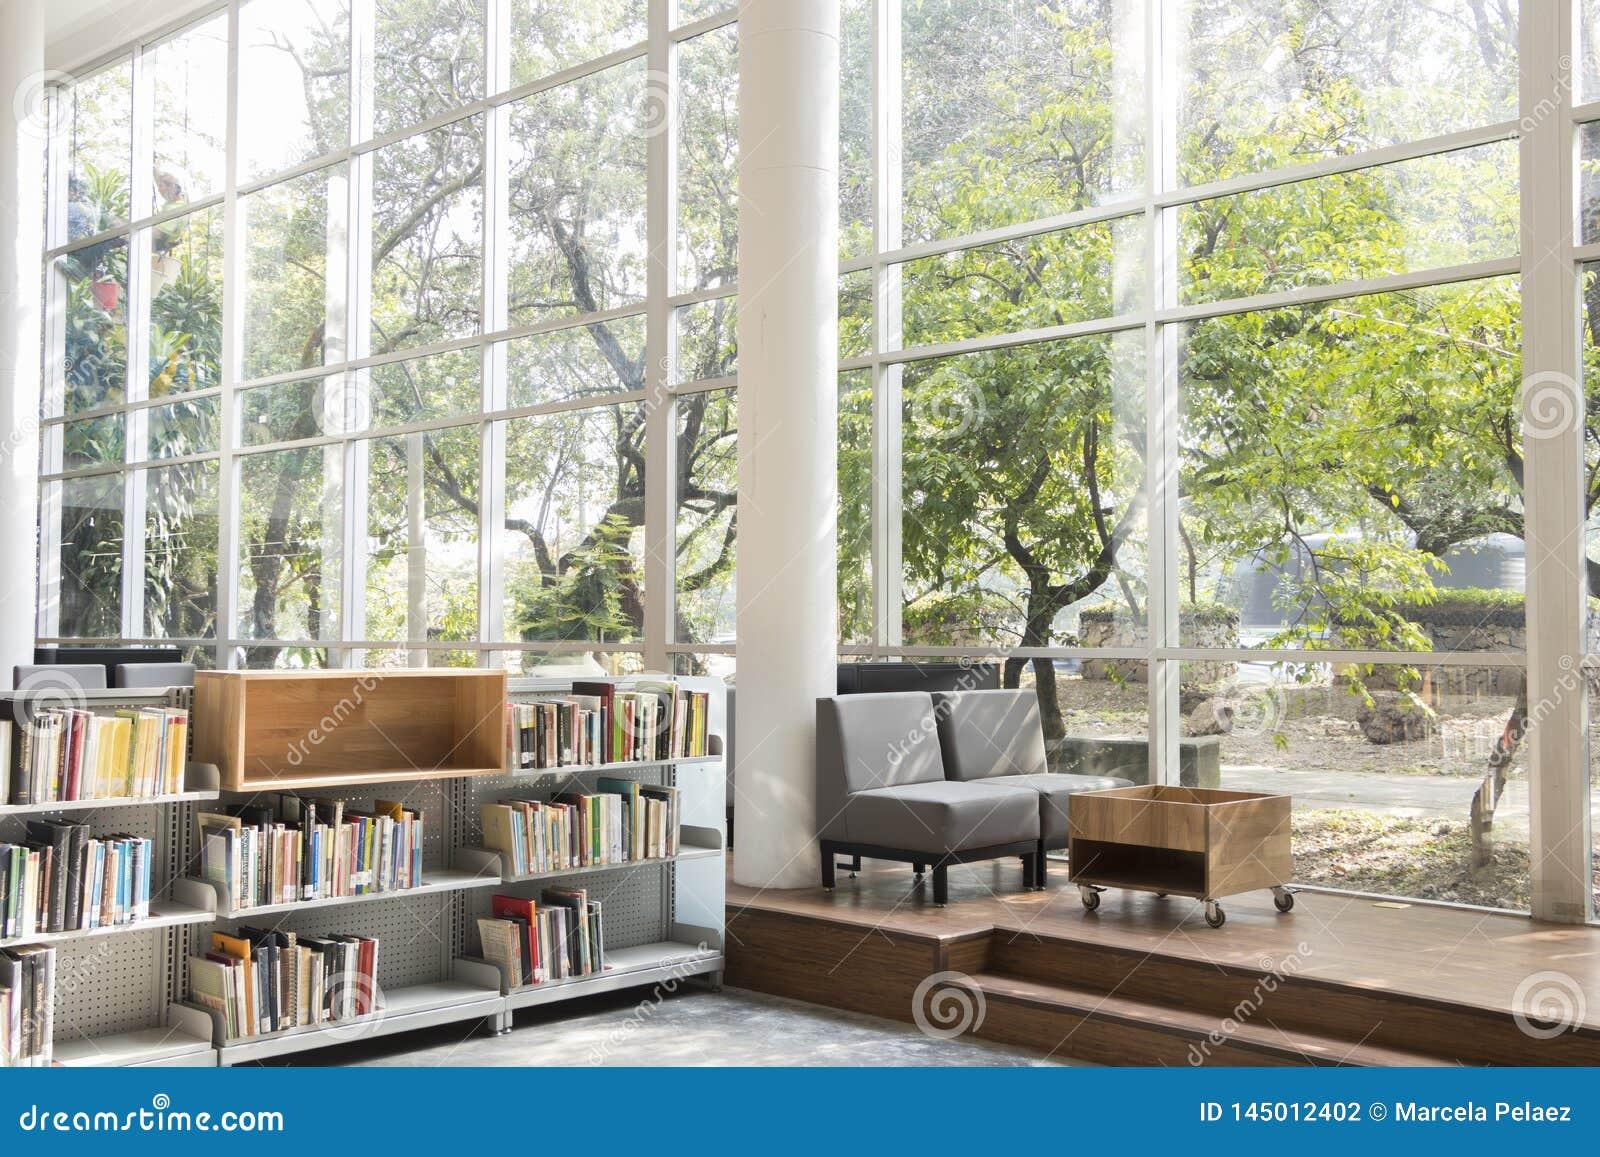 Ημέρα έναρξης το Δεκέμβριο του 2018 piloto pública biblioteca medellin δημόσια βιβλιοθ